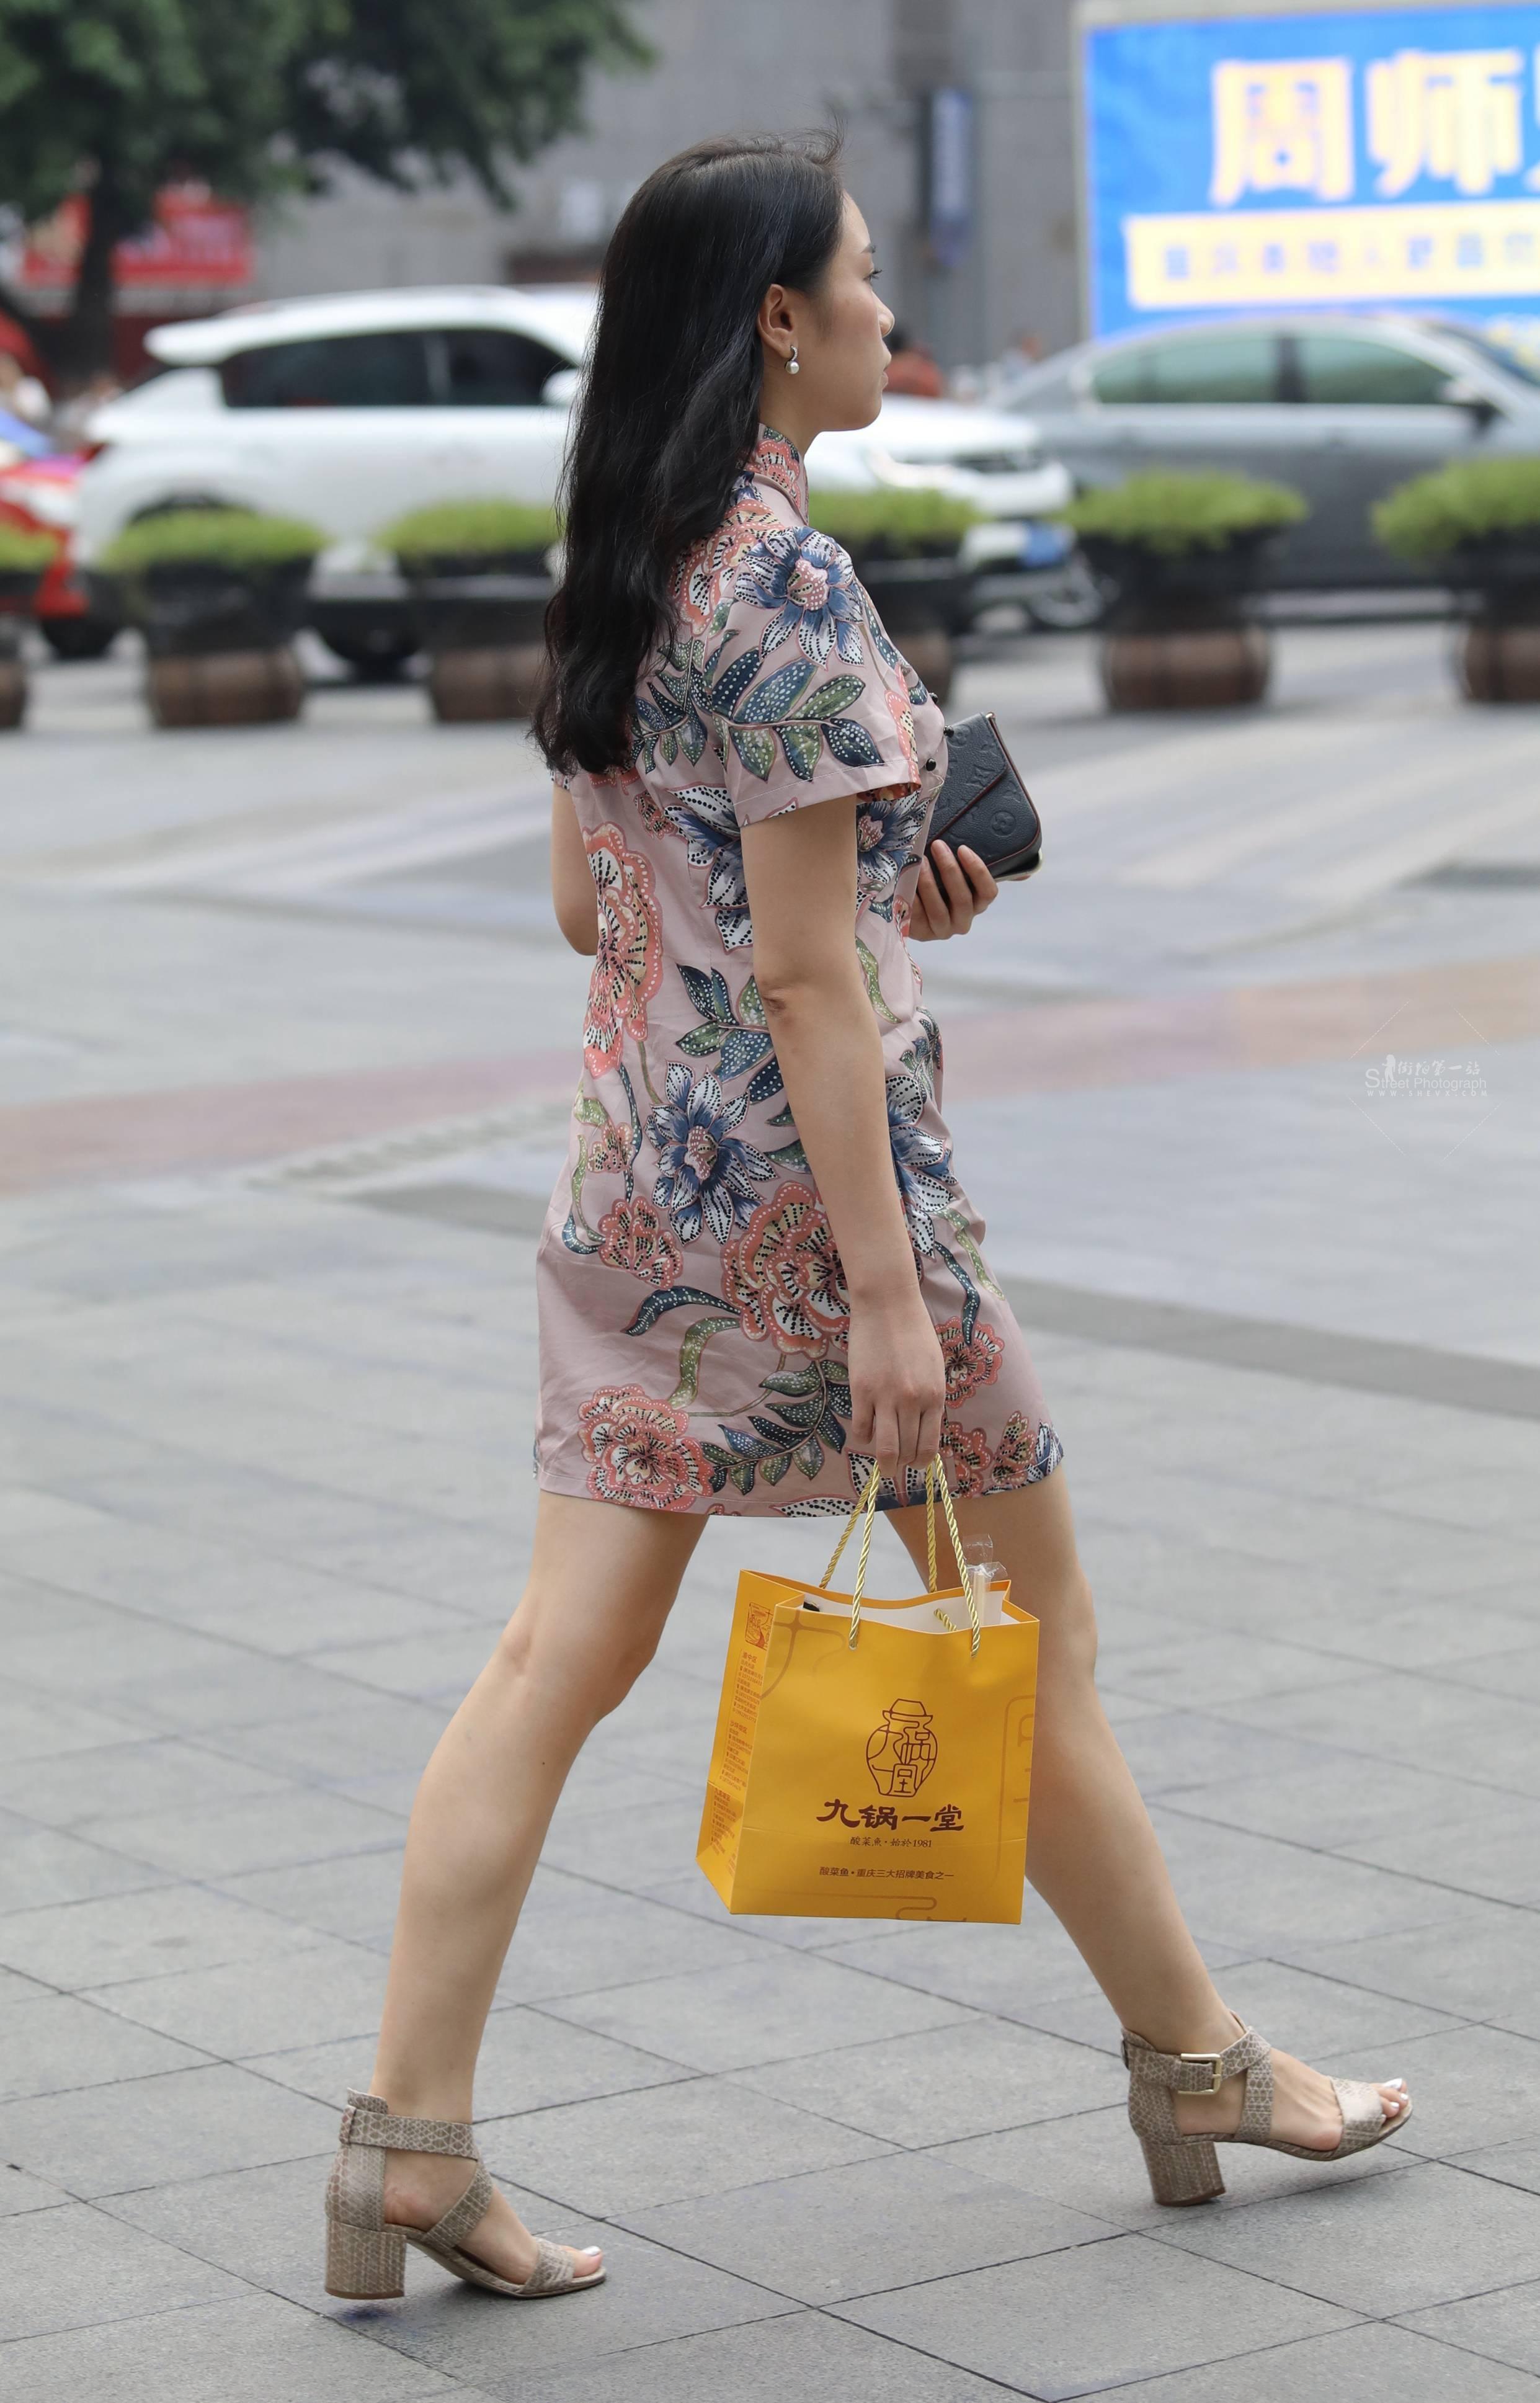 【珏一笑而过】气质旗袍Shao Fu 最新街拍丝袜图片 街拍丝袜第一站